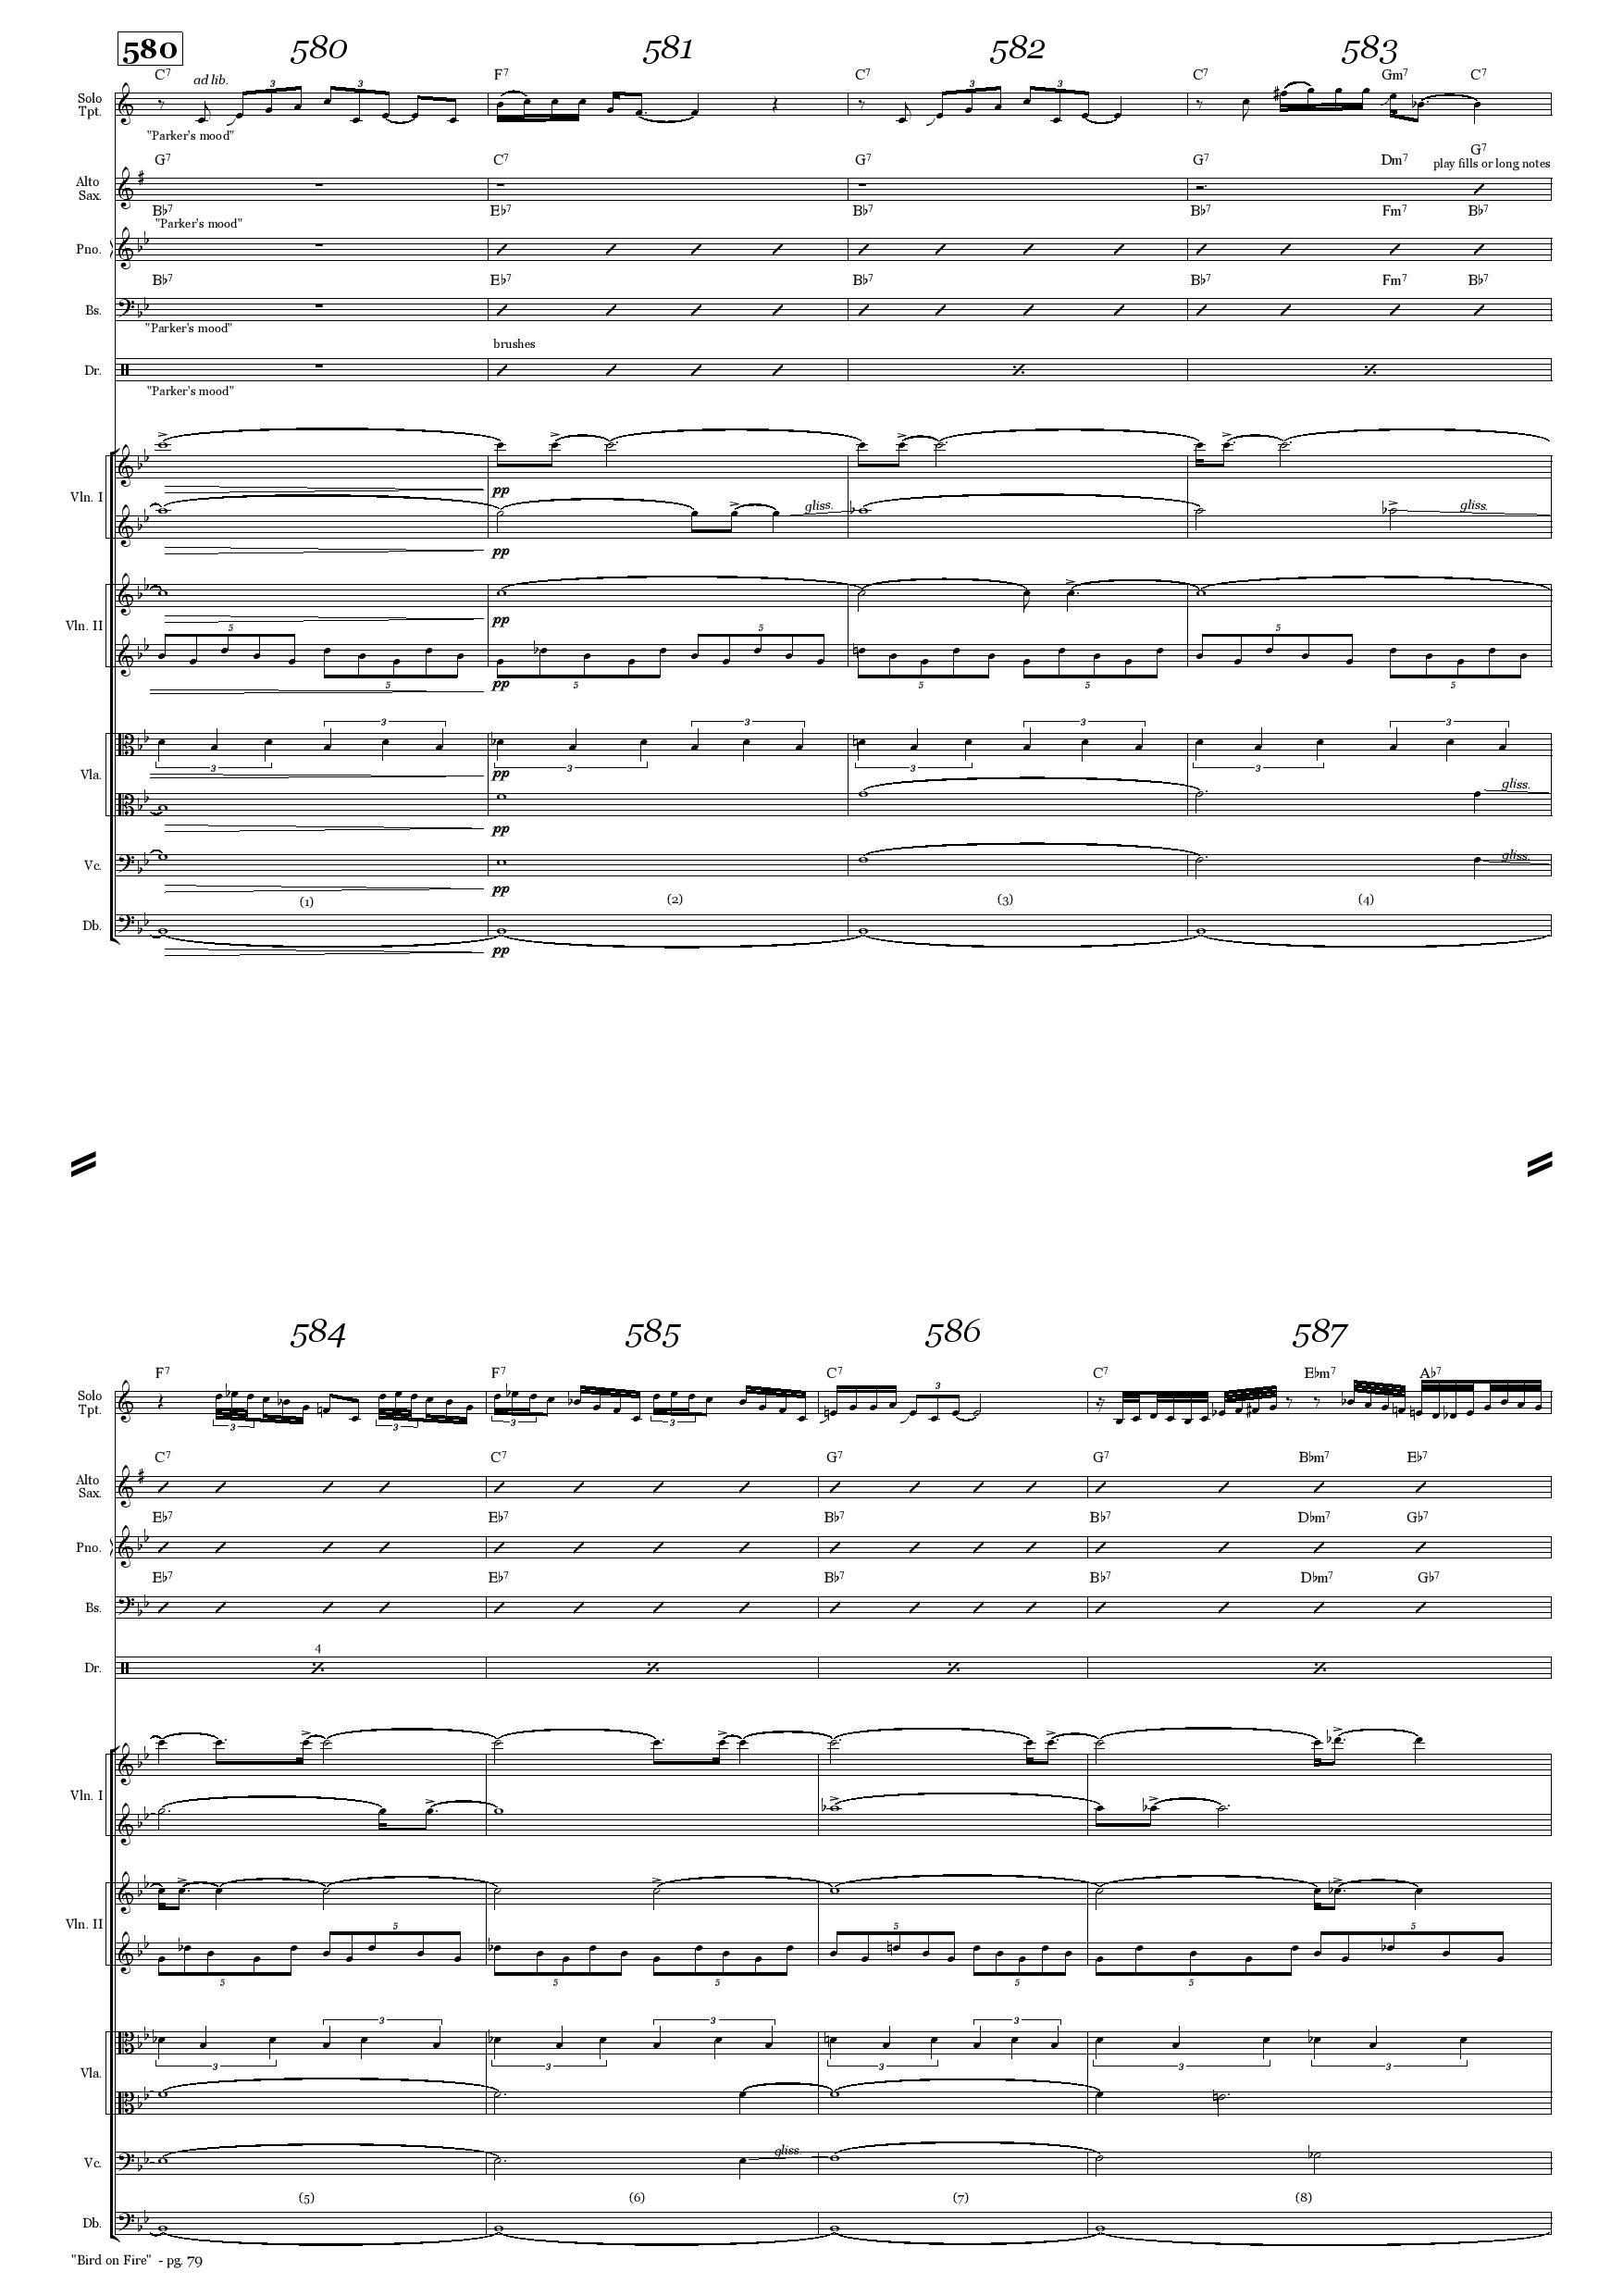 Bird on Fire - score-page-082.jpg